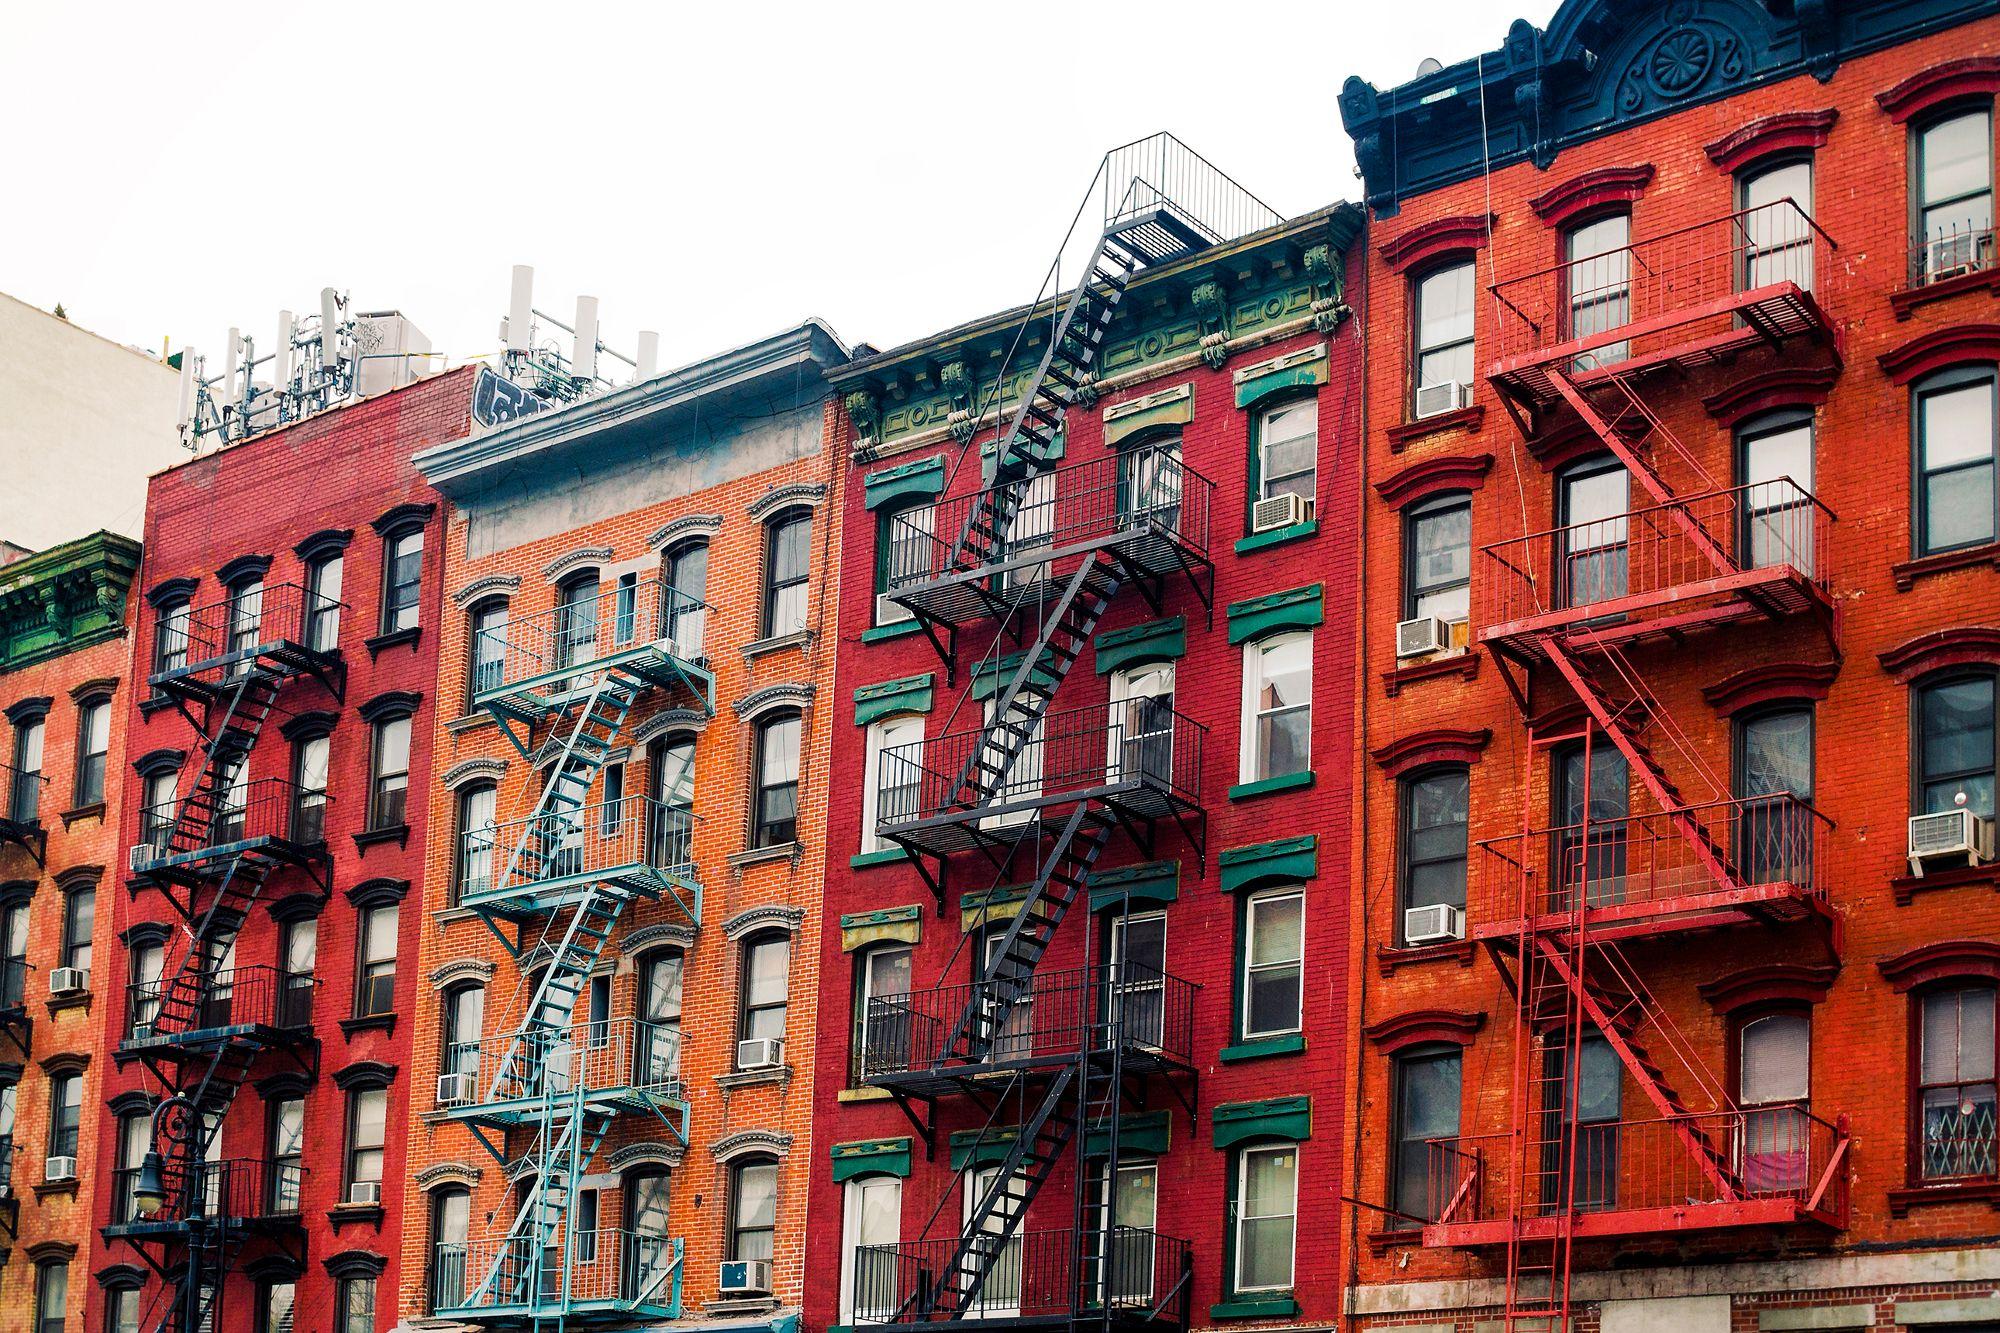 Lower East Side Feriados 2018 Veja quais são as melhores viagens para este ano